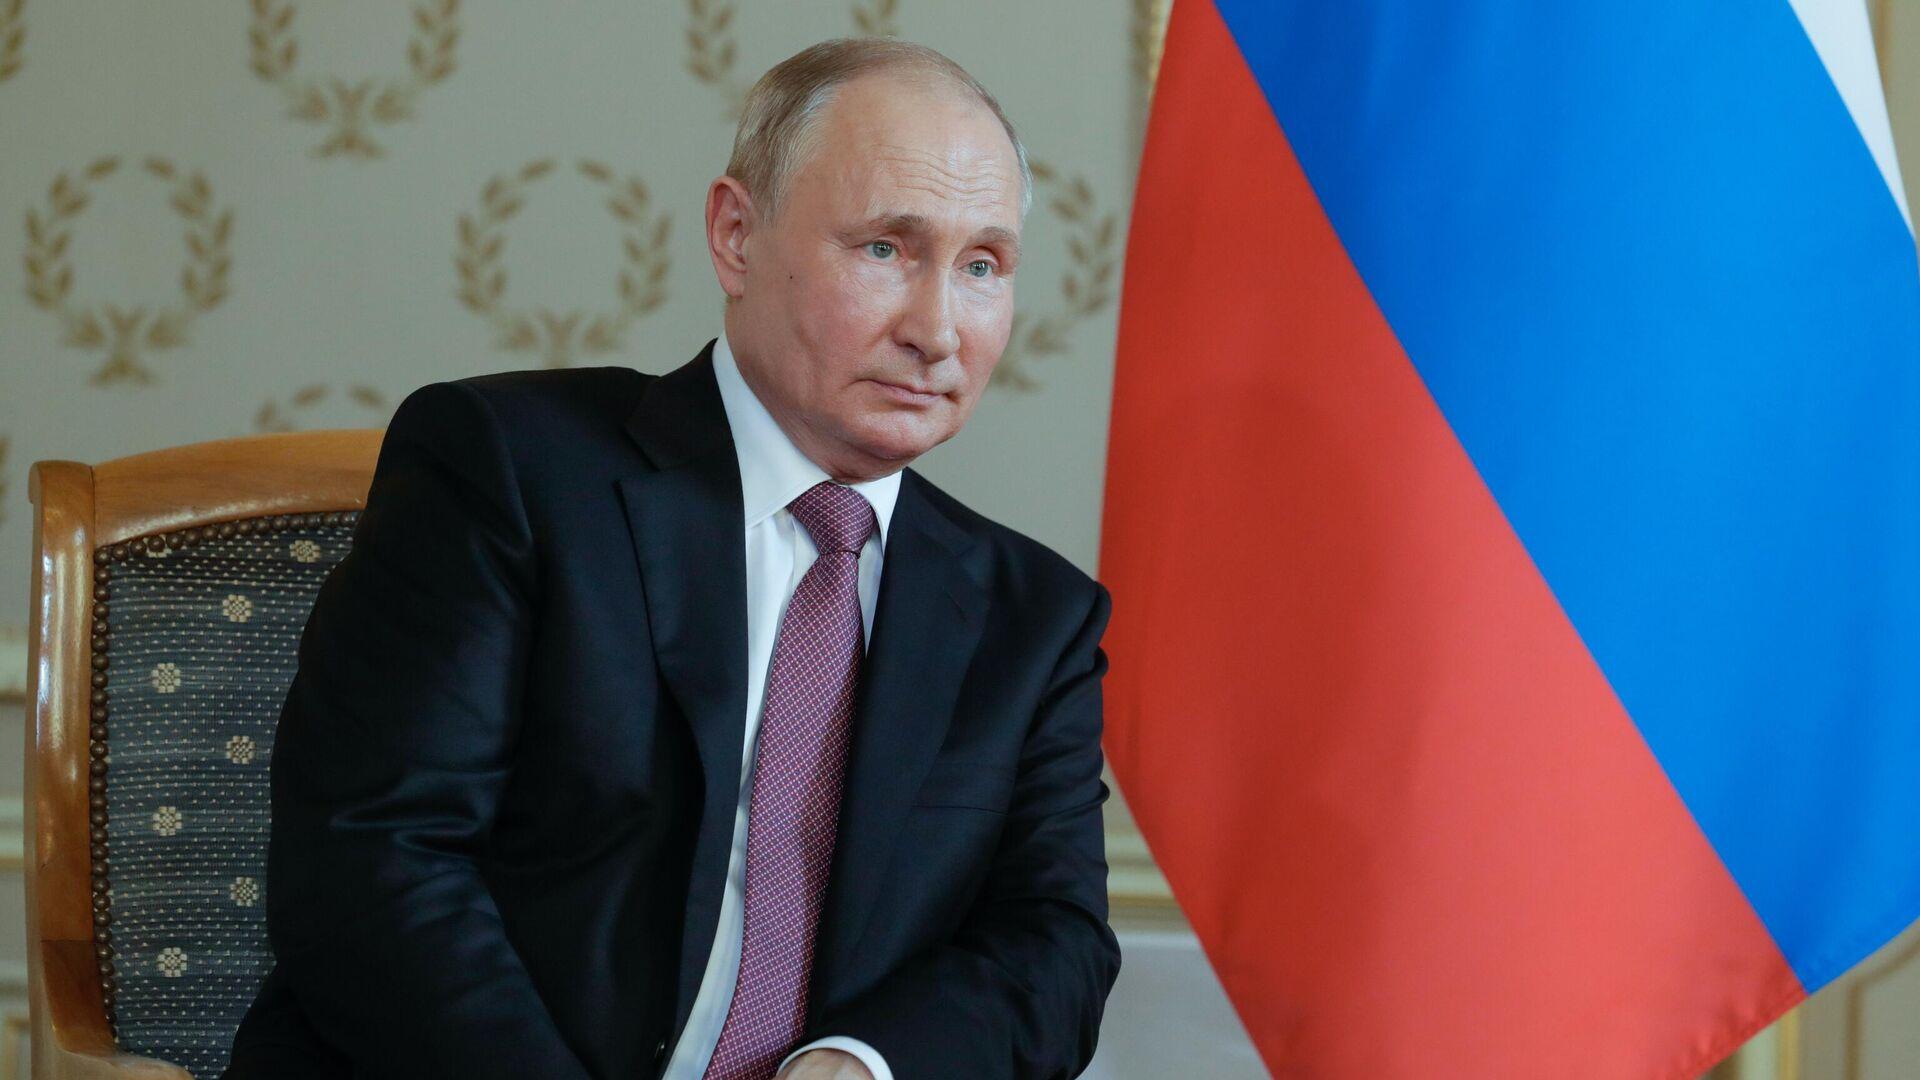 Встреча президента РФ В. Путина с президентом Швейцарии Ги Пармеленом в Женеве - Sputnik Таджикистан, 1920, 25.08.2021